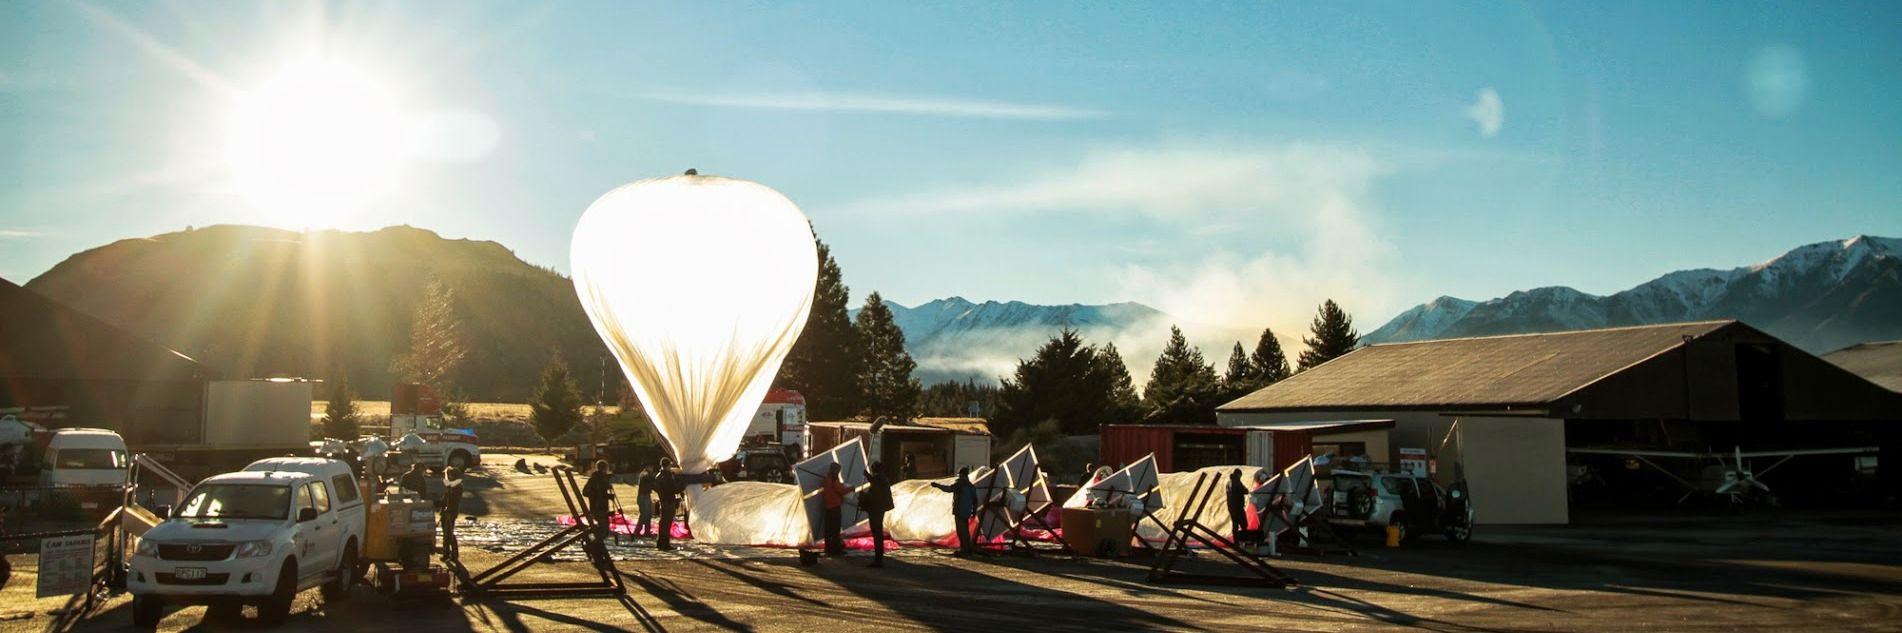 Disse ballongene skal gi Internett til hele verden